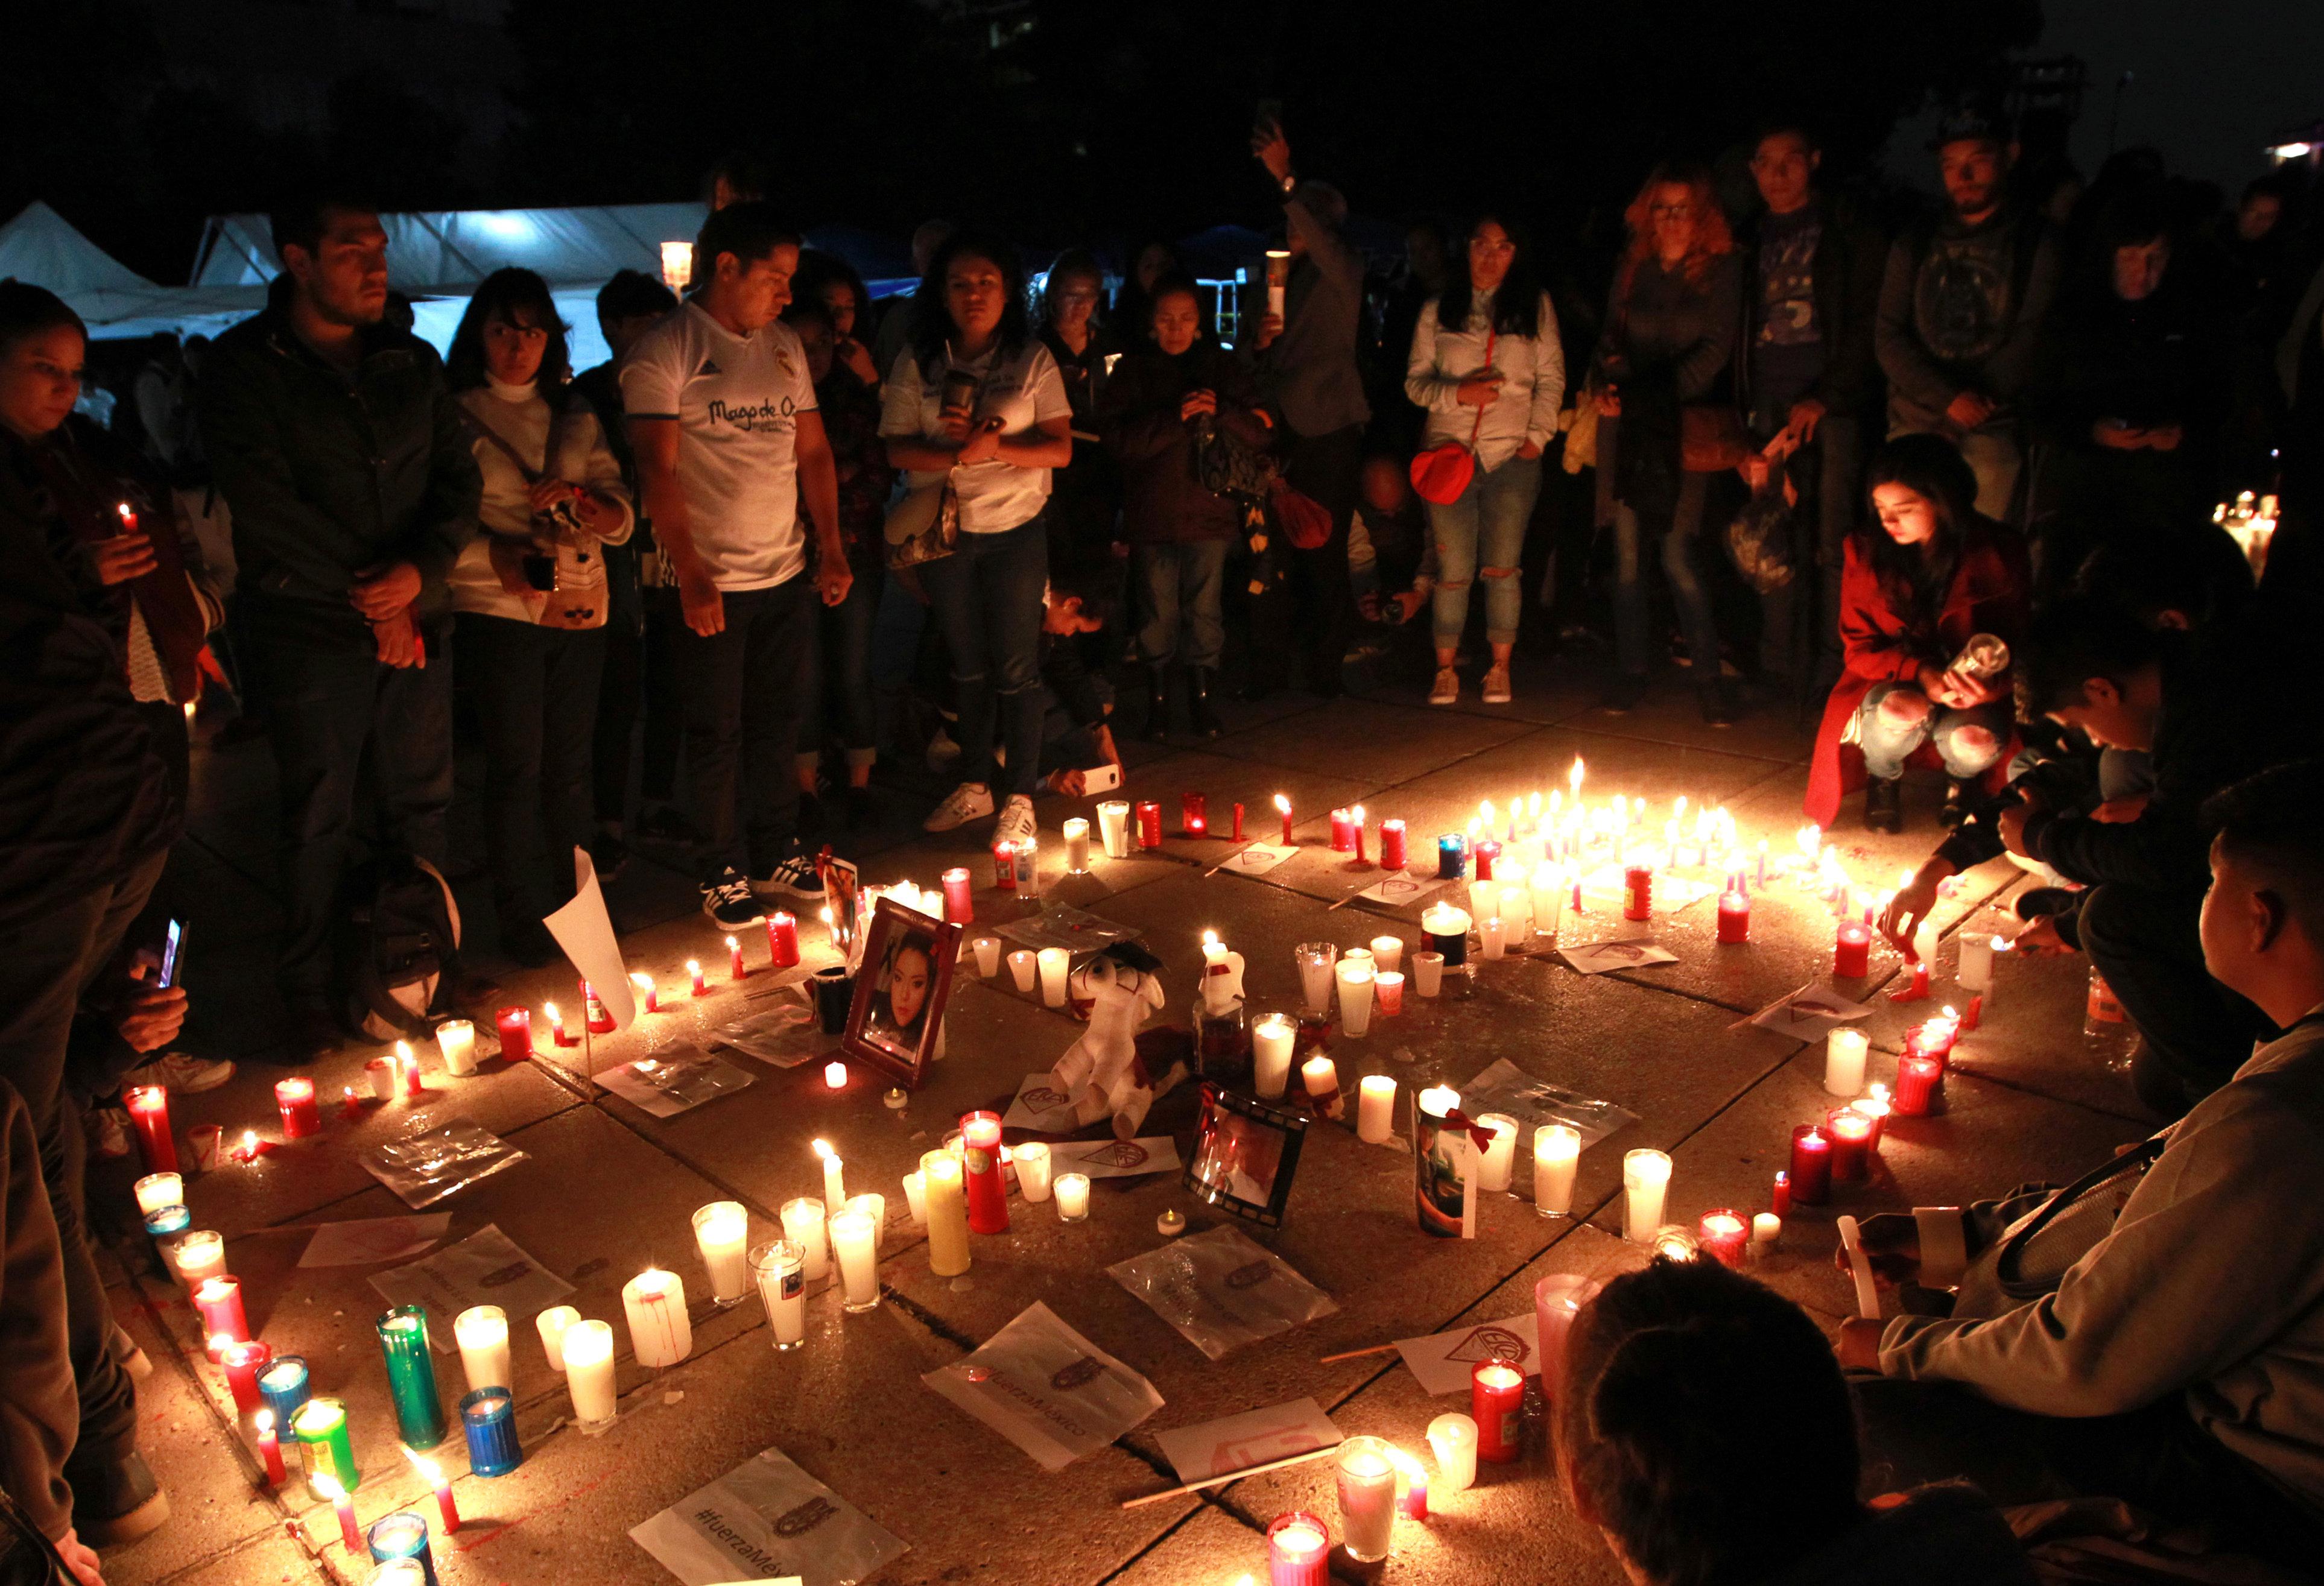 Familiars i amics de víctimes mortals dels terratrèmols de setembre porten espelmes enceses, flors i fotografies en suport i solidaritat, al Monument a la Revolució, a la Ciutat de Mèxic./Mario Guzmán